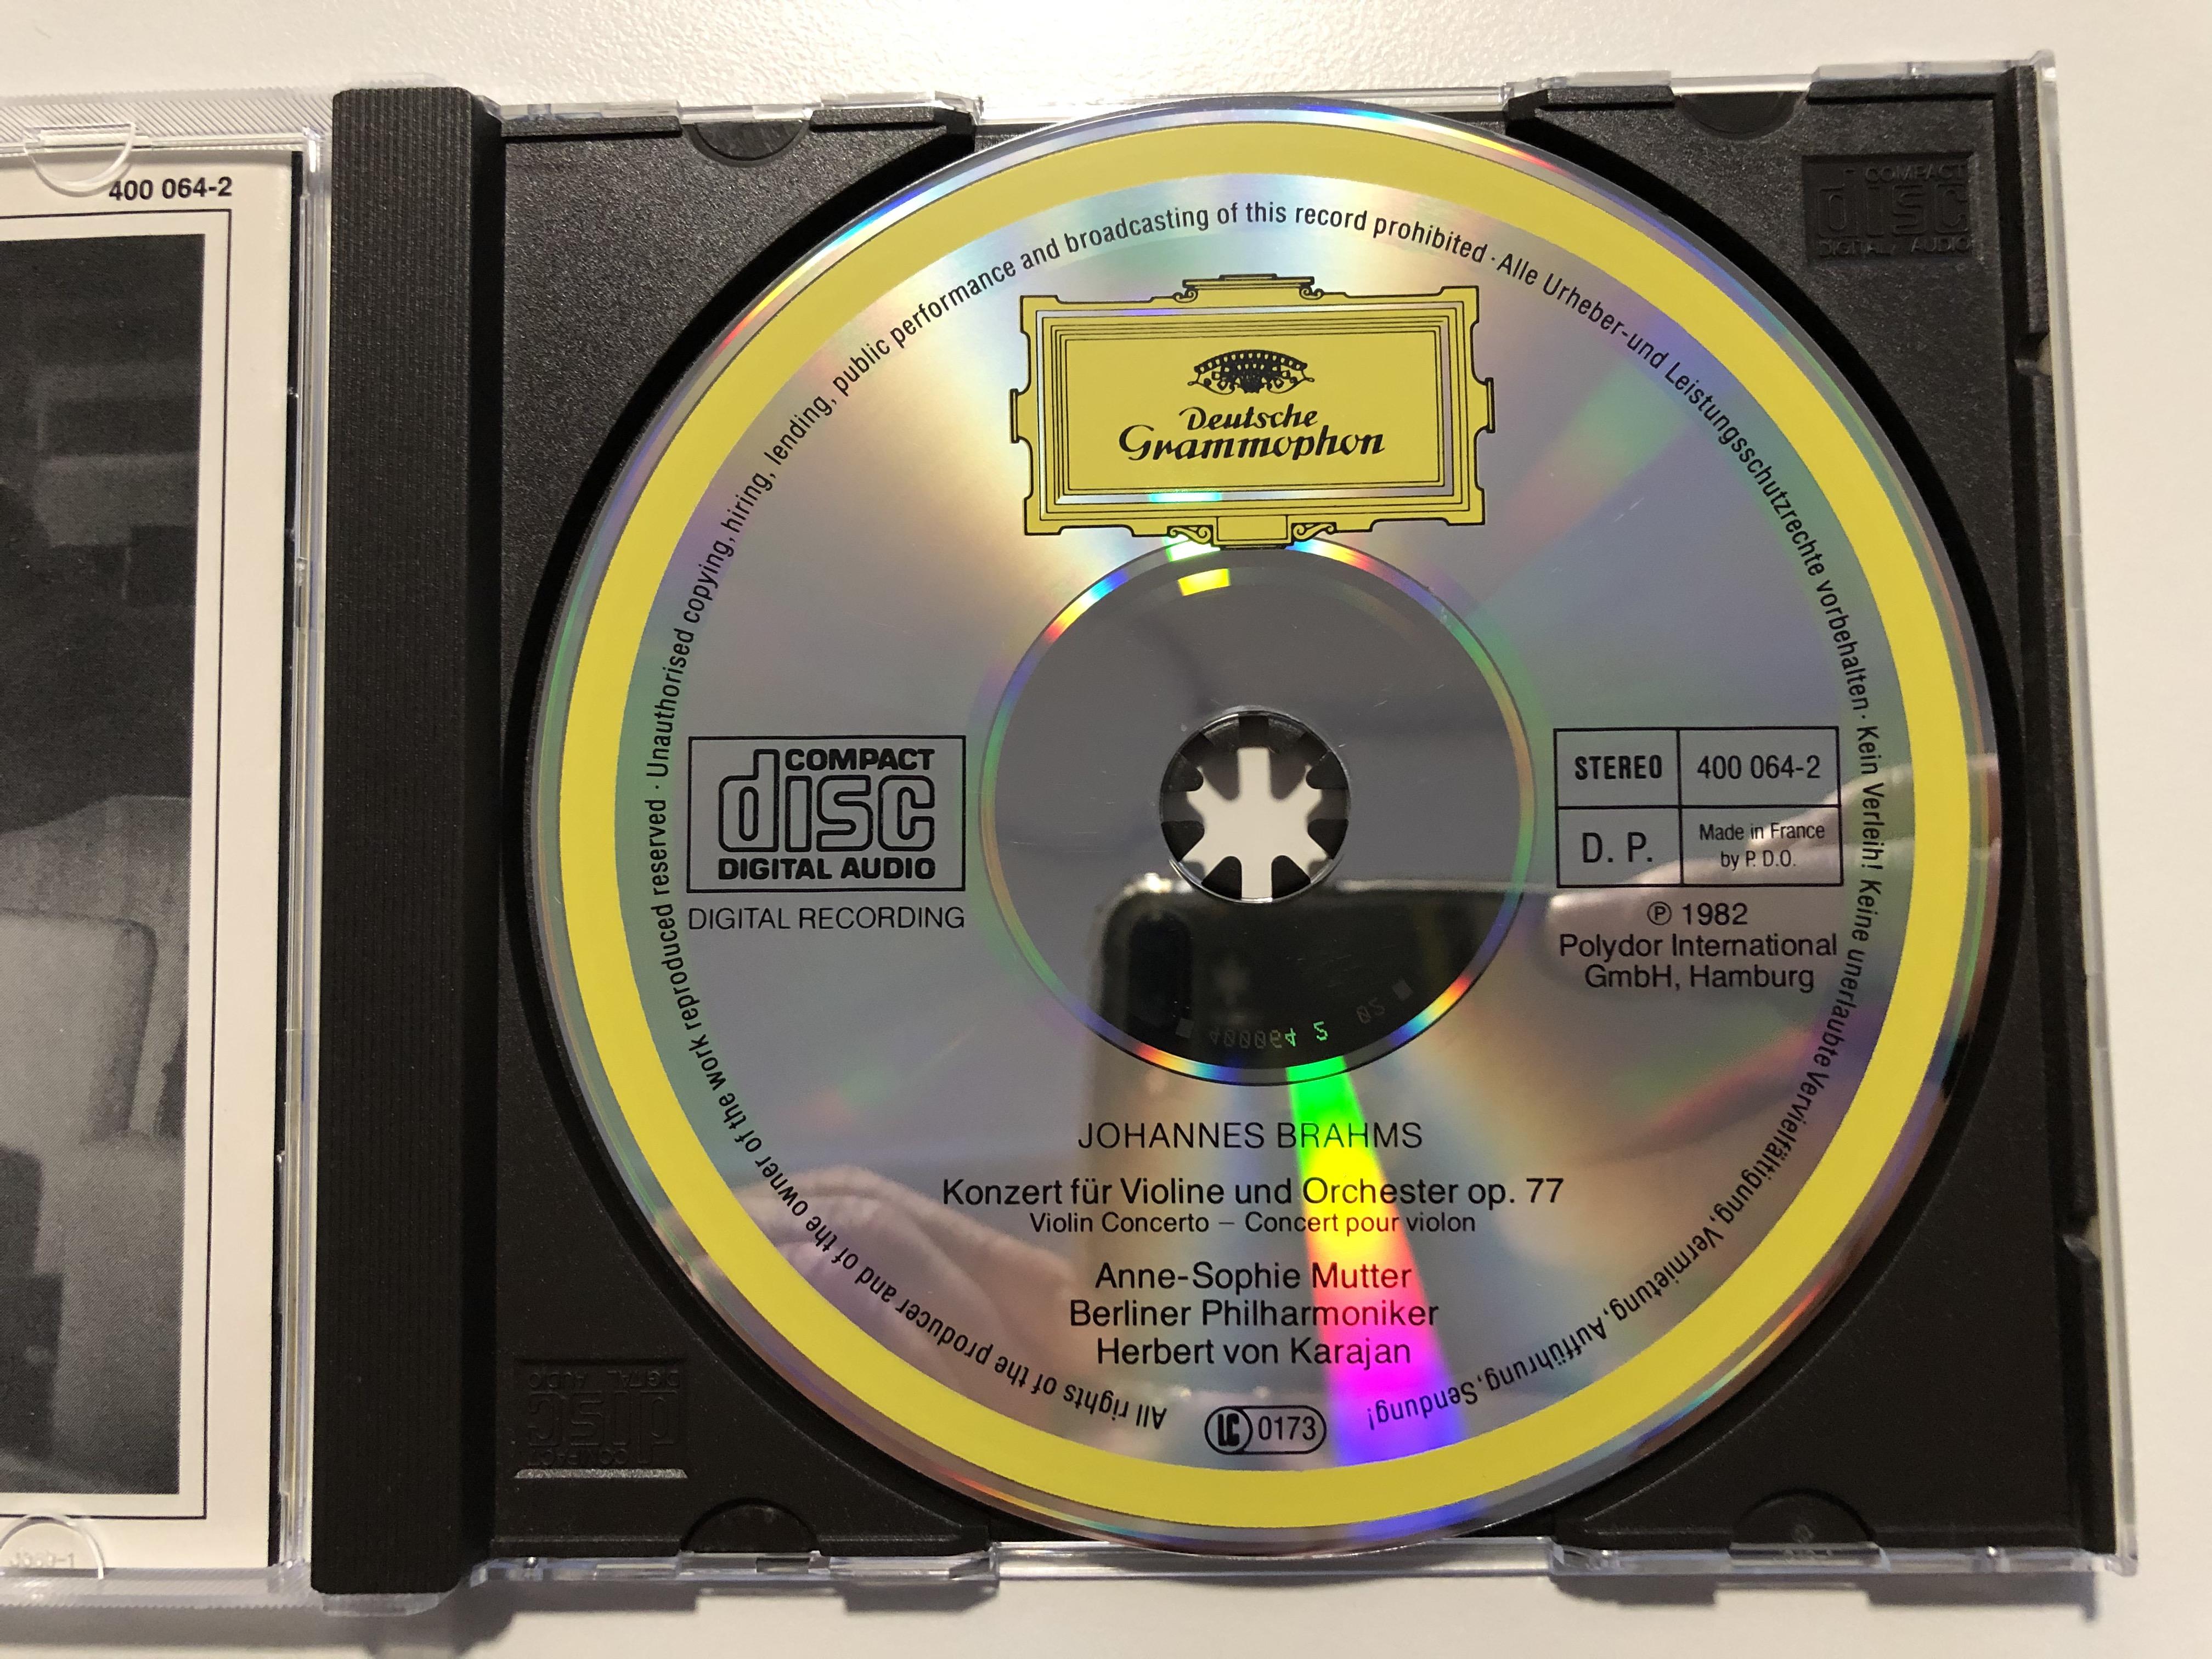 brahms-violinkonzert-violin-concerto-.-concerto-pour-violon-anne-sophie-mutter-berliner-philharmoniker-herbert-von-karajan-deutsche-grammophon-audio-cd-stereo-400-064-2-3-.jpg